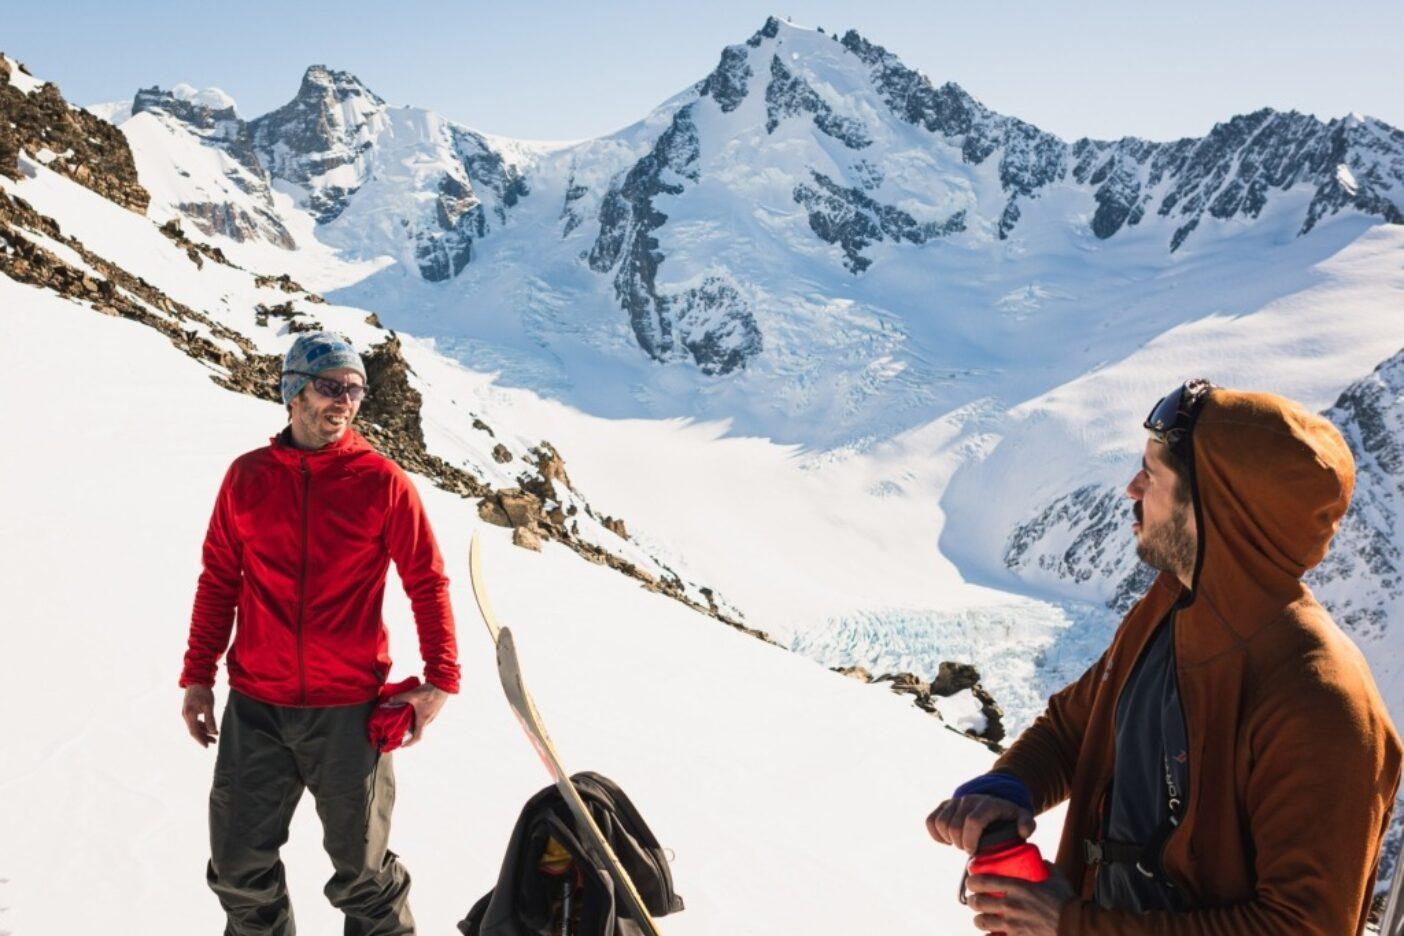 モスキート谷への滑降前、地元クライマーのアルハンドロと話すオーデル(左)。オーデルは地元ガイドであり、チャルテンのスキーコミュニティの「ゴッドファーザー」だ。アルゼンチン、サンタクルス州 写真:マシュー・タフツ